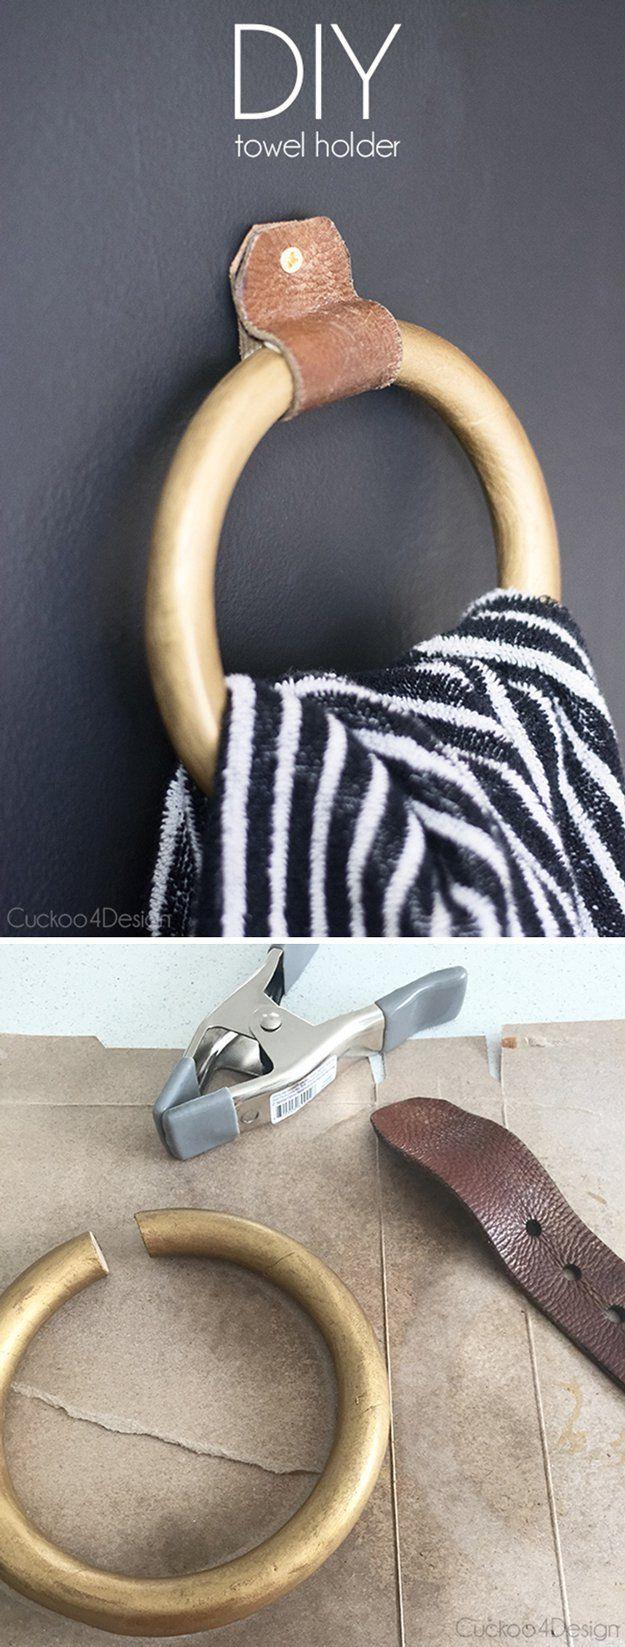 Baño DIY Decoración Tutoriales en un presupuesto | http://artesaniasdebricolaje.ru/bathroom-decorating-ideas-on-a-budget/